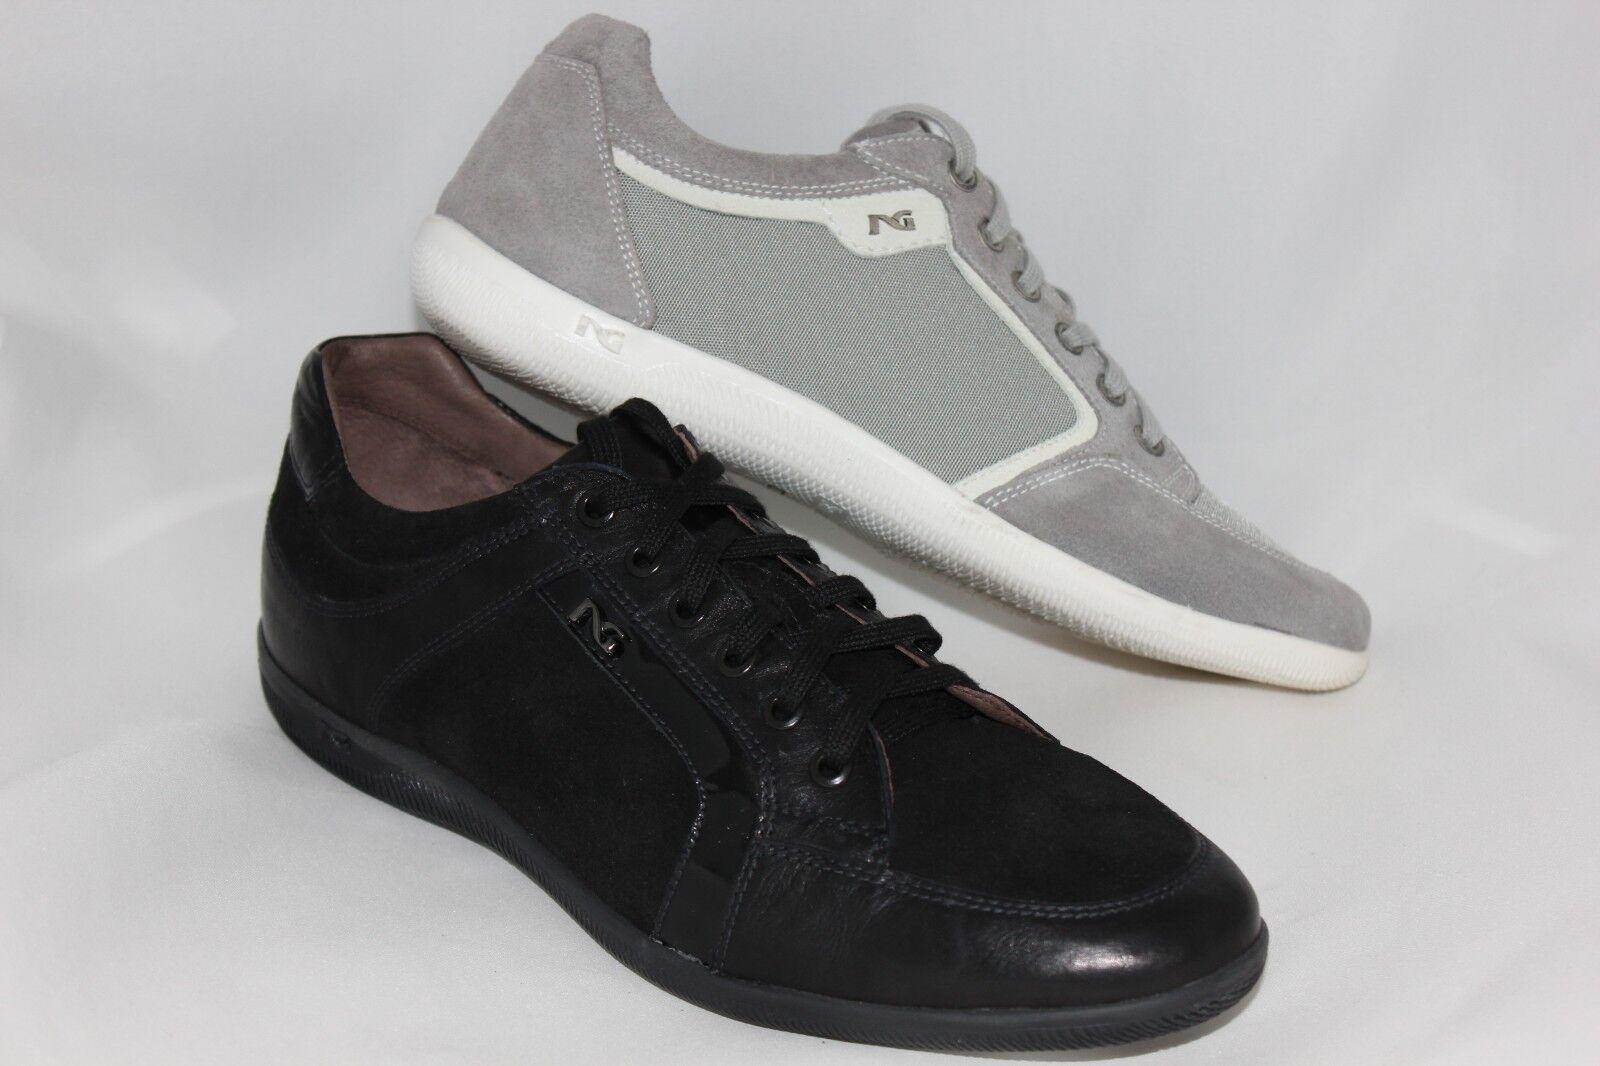 Scarpe casual da uomo  Scarpa sneakers nero grigio pelle laccio 402610 201490 NERO GIARDINI 40 43 saldi